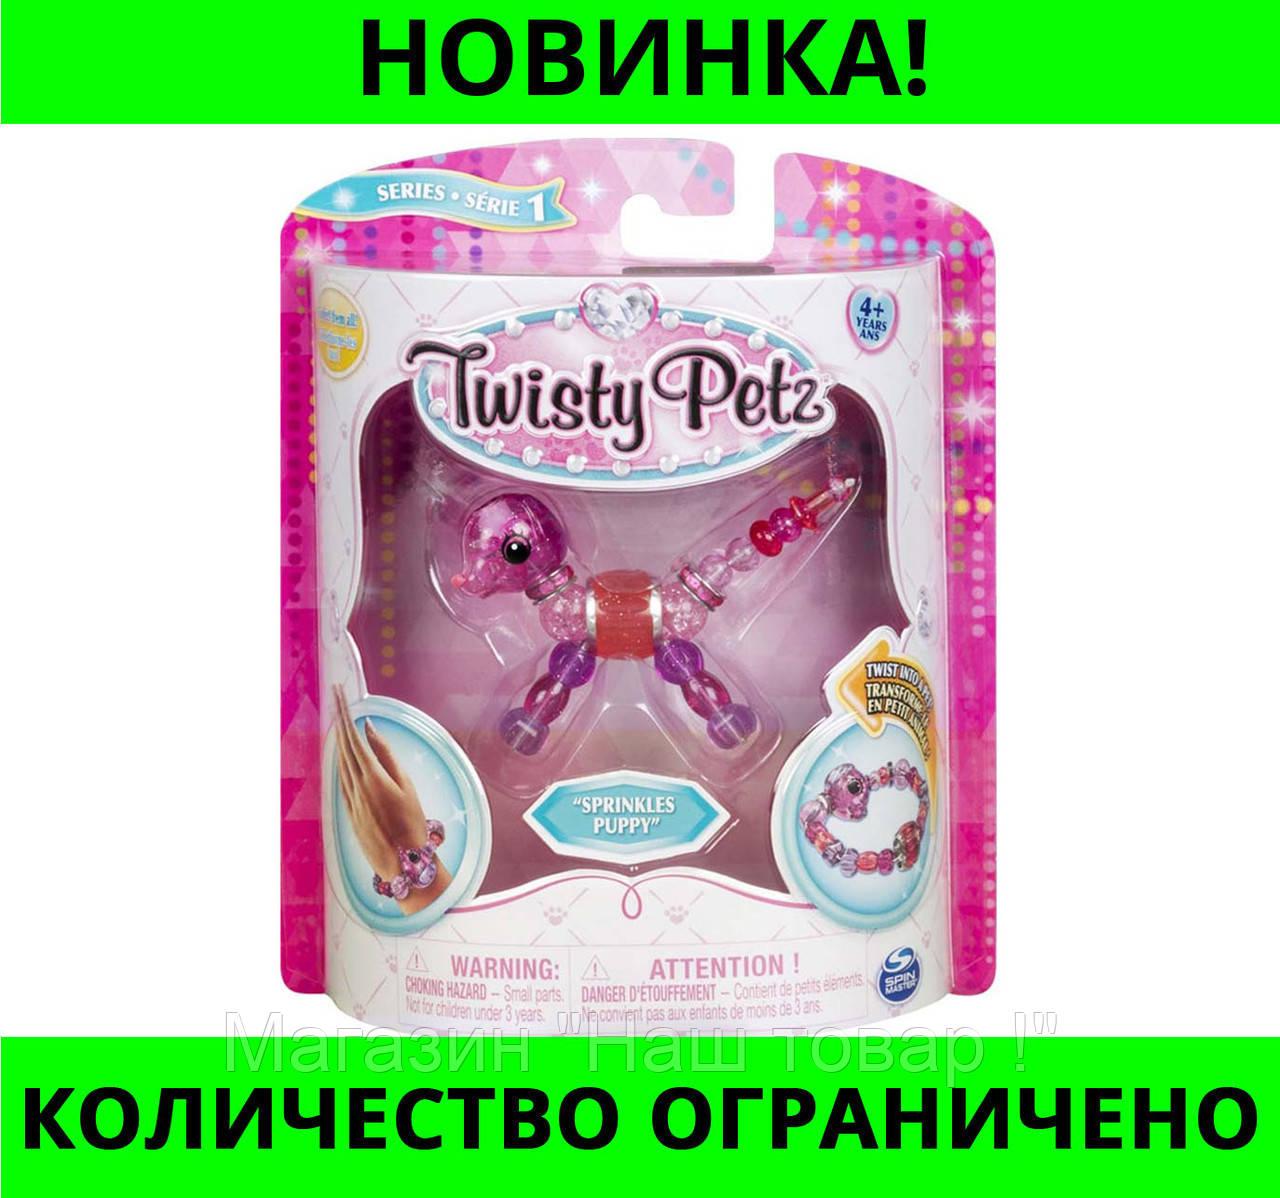 SALE! Игрушка-браслет Твисти Петс Twisty petz